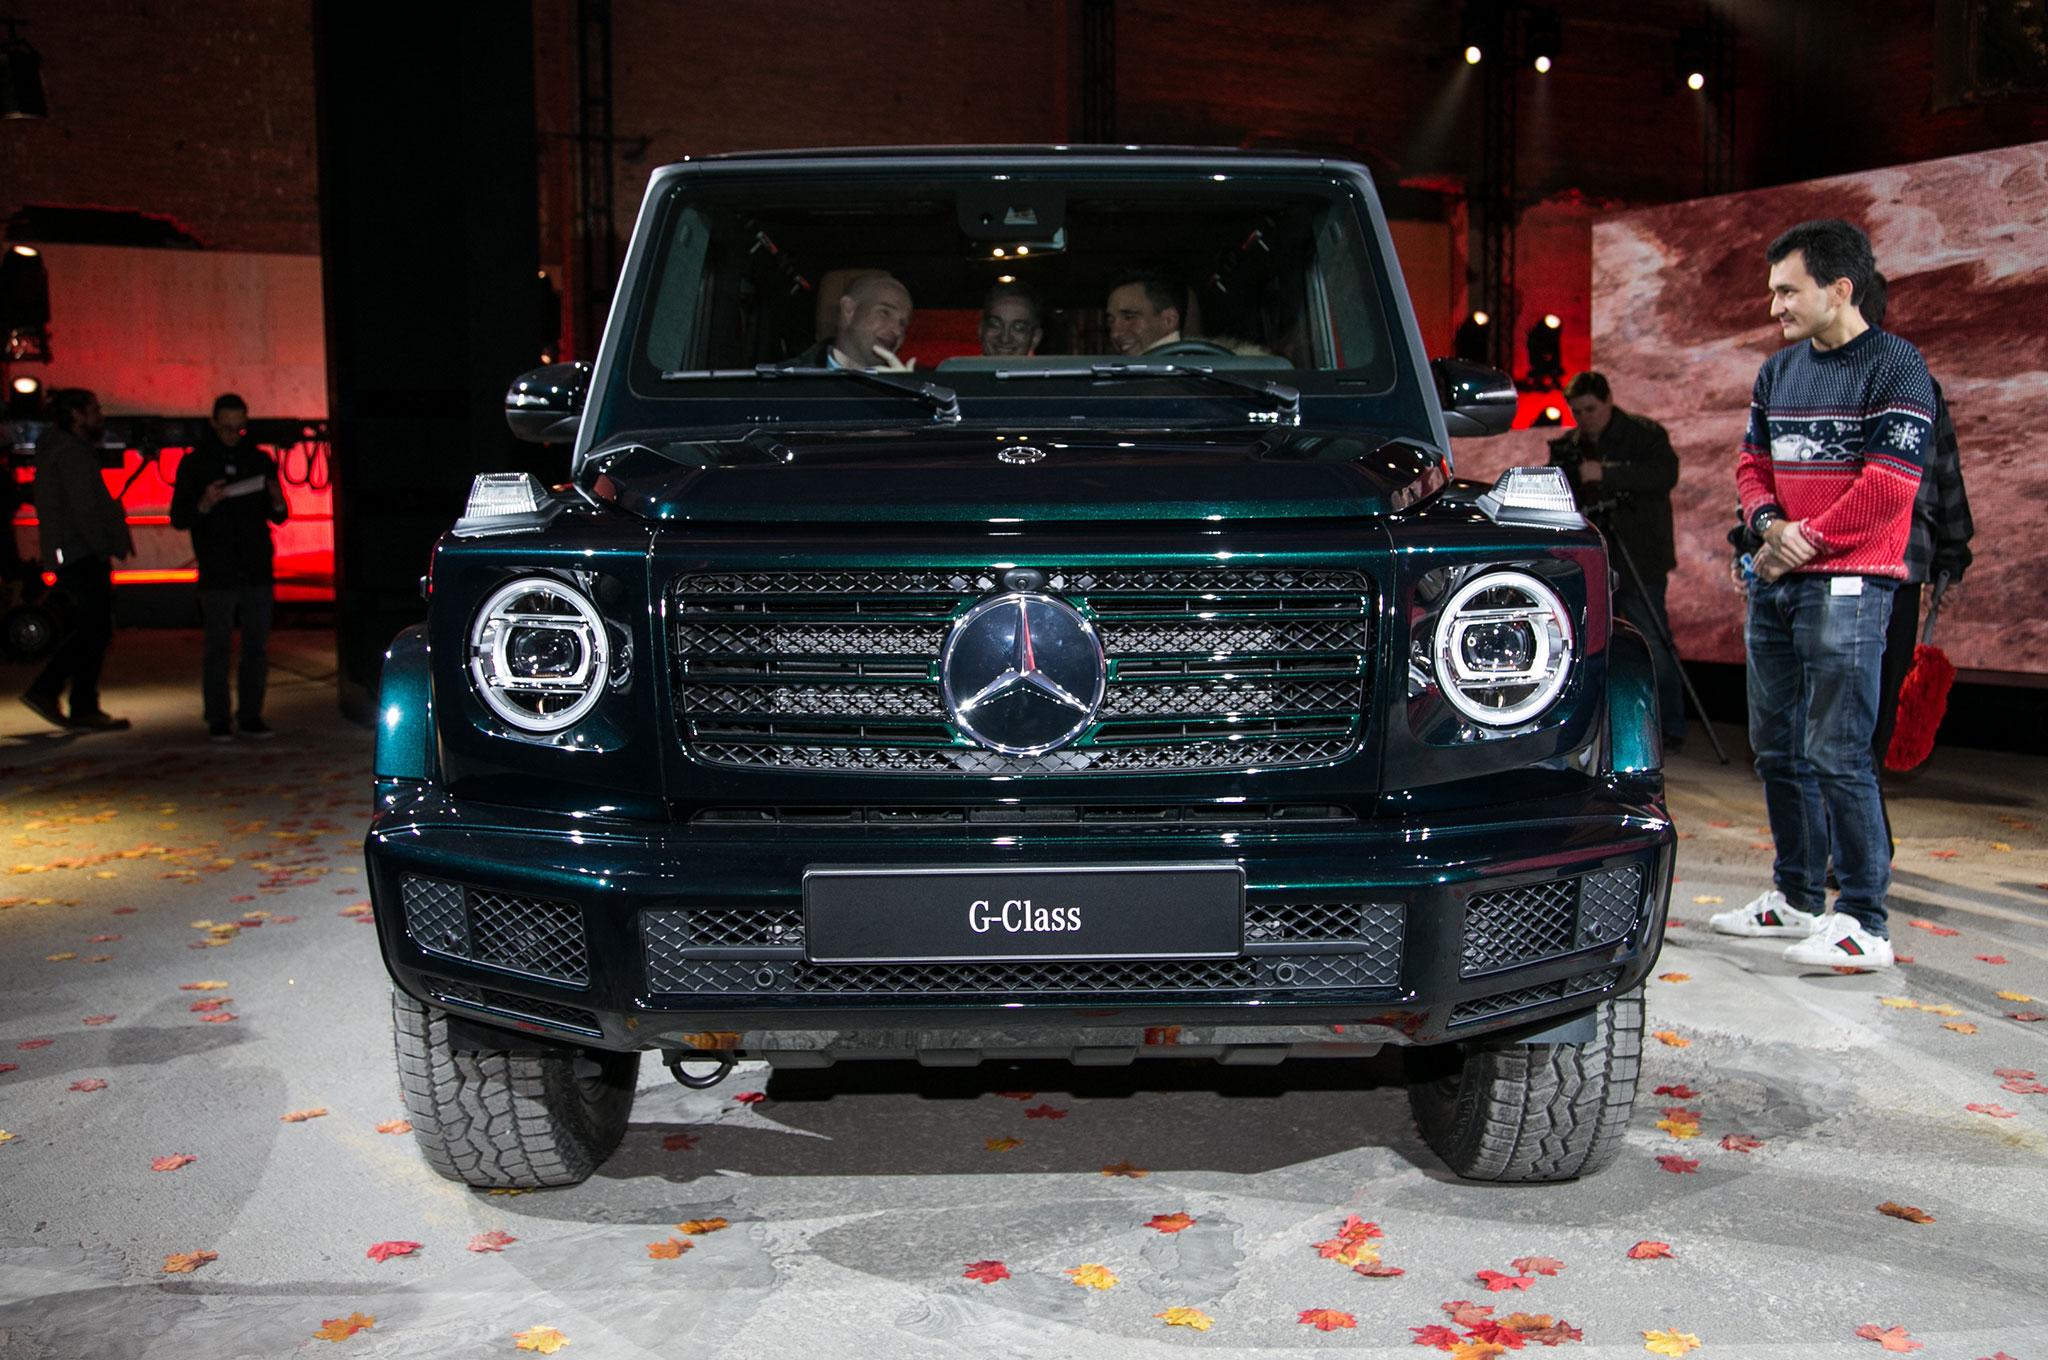 https://st.automobilemag.com/uploads/sites/5/2018/01/2019-Mercedes-Benz-G-Class-front-view.jpg